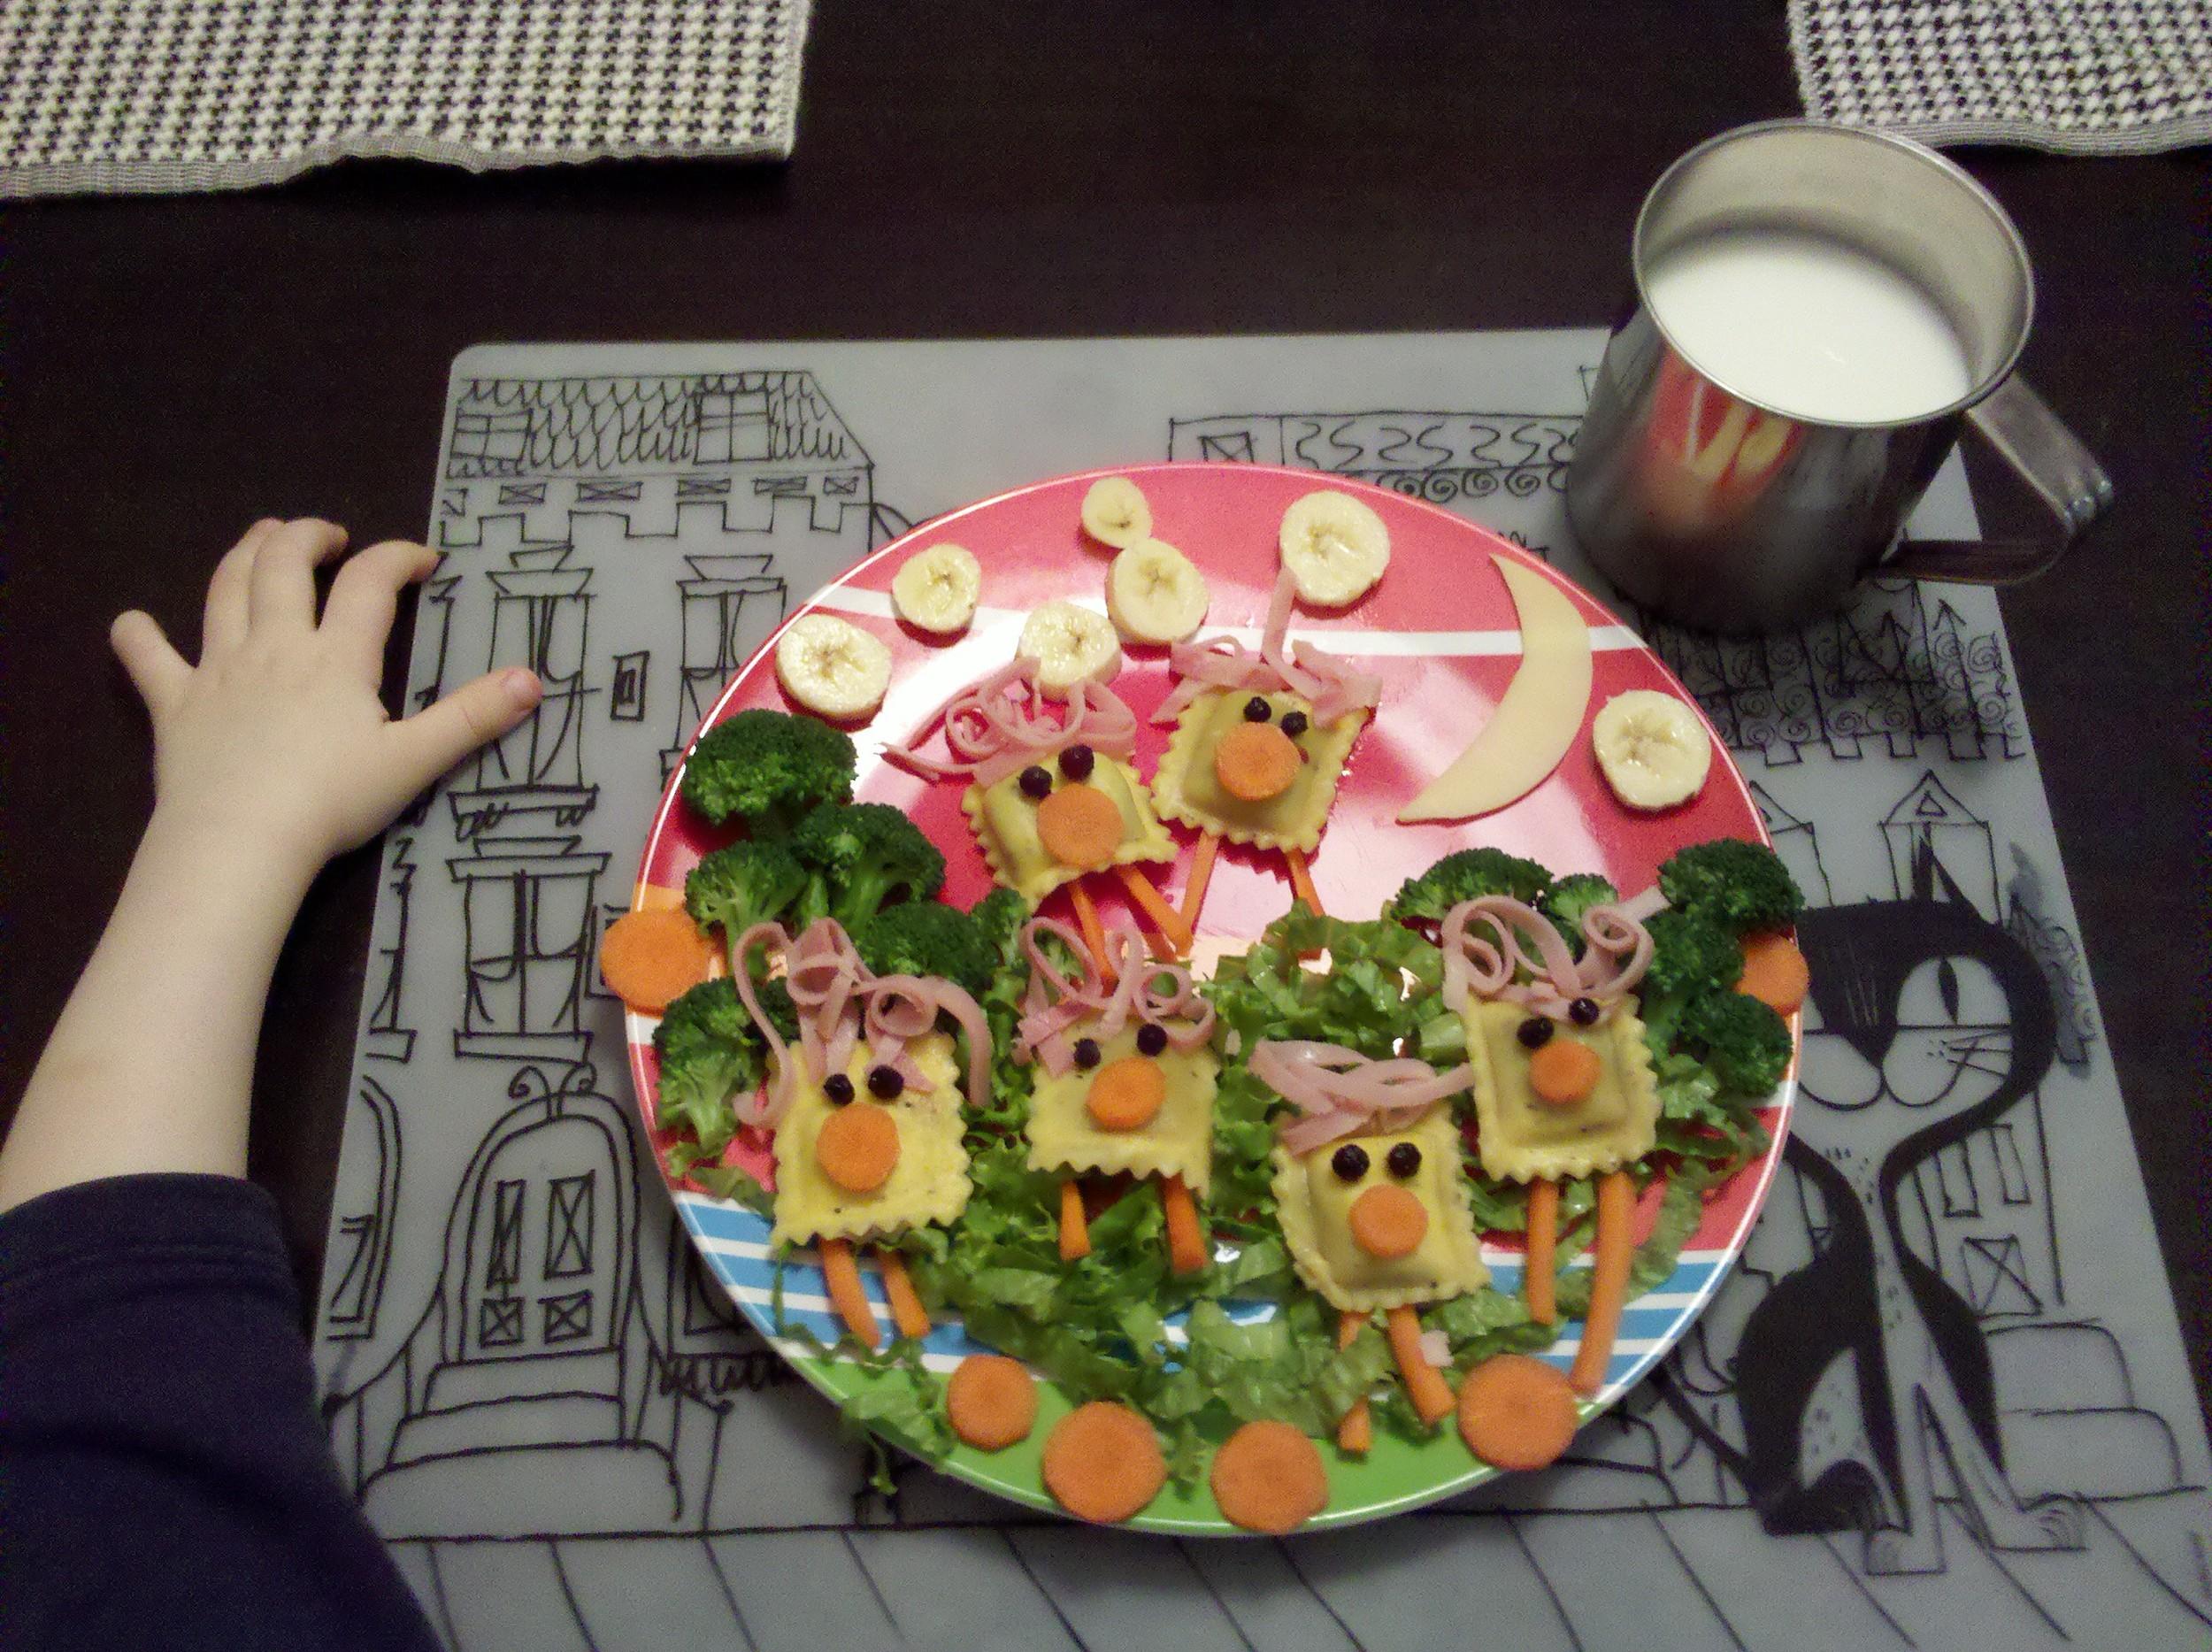 Image 3 - Table Food Fun.jpg